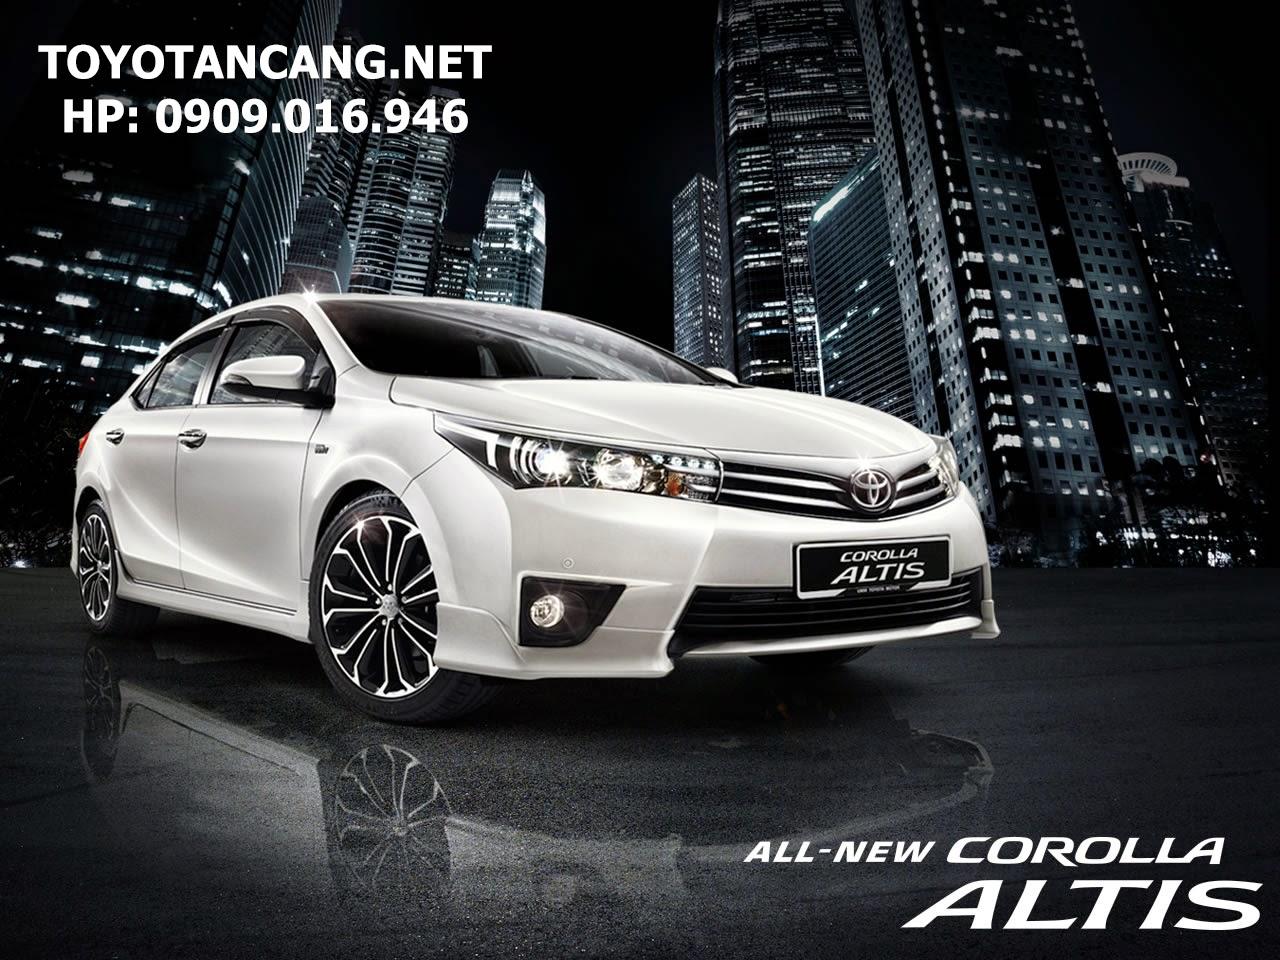 Toyota Corolla Altis 2015 đang là một trong những mẫu xe bán chạy nhất tại Việt Nam khi mới ra mắt không lâu.